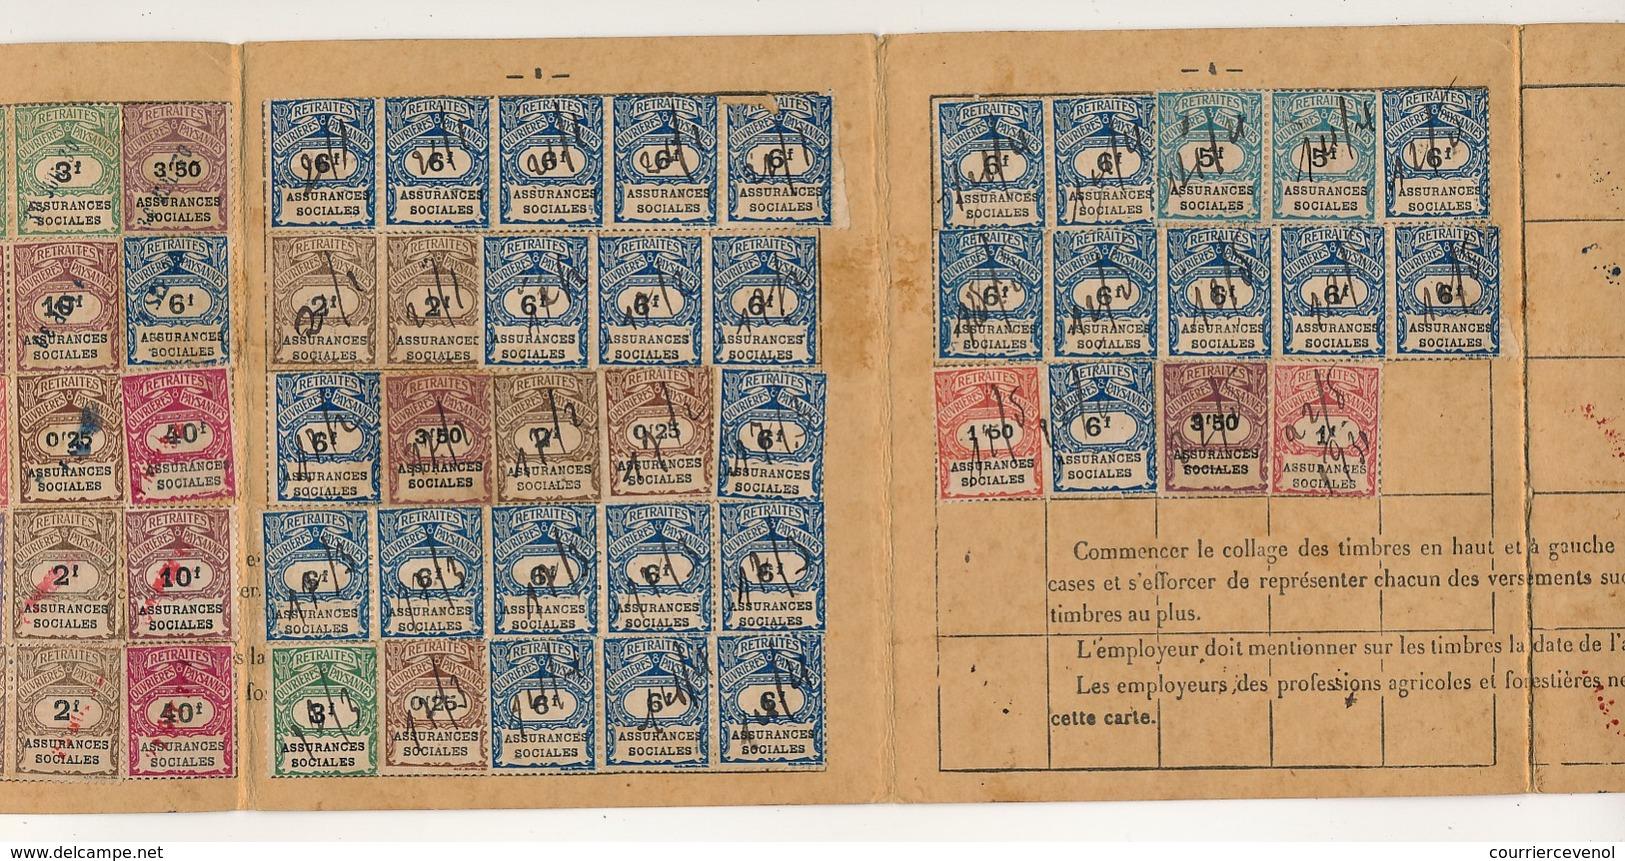 FRANCE - Feuillet Trimestriel Portant 25 Timbres + Carte Annuelle De Cotisations Portant 64 Timbres - 1931 - - Fiscaux